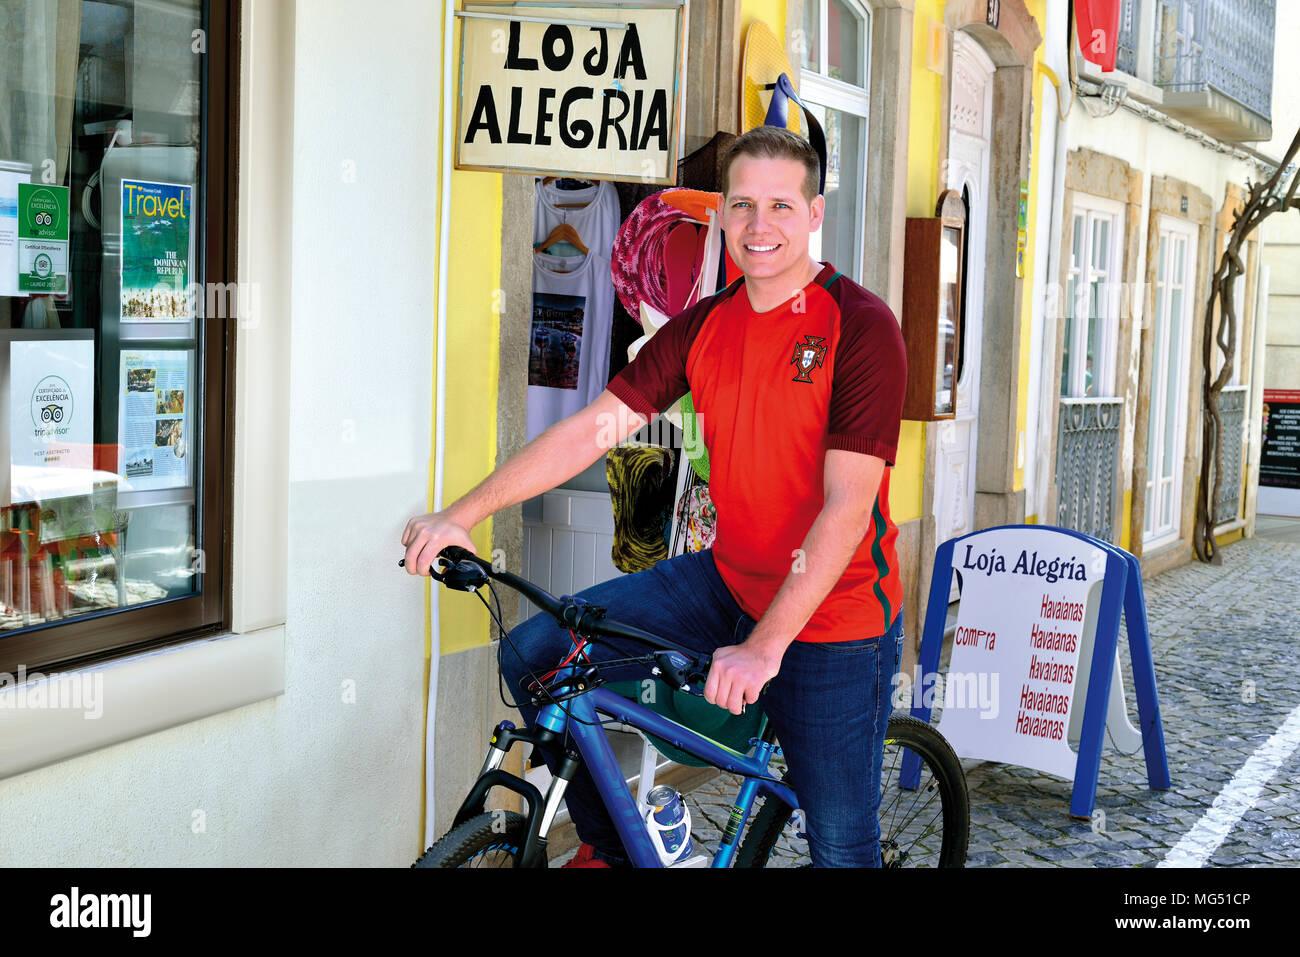 Muchacho rubio con la camiseta de la selección nacional de fútbol portugués sentado en una bicicleta y sonriendo a la cámara Imagen De Stock